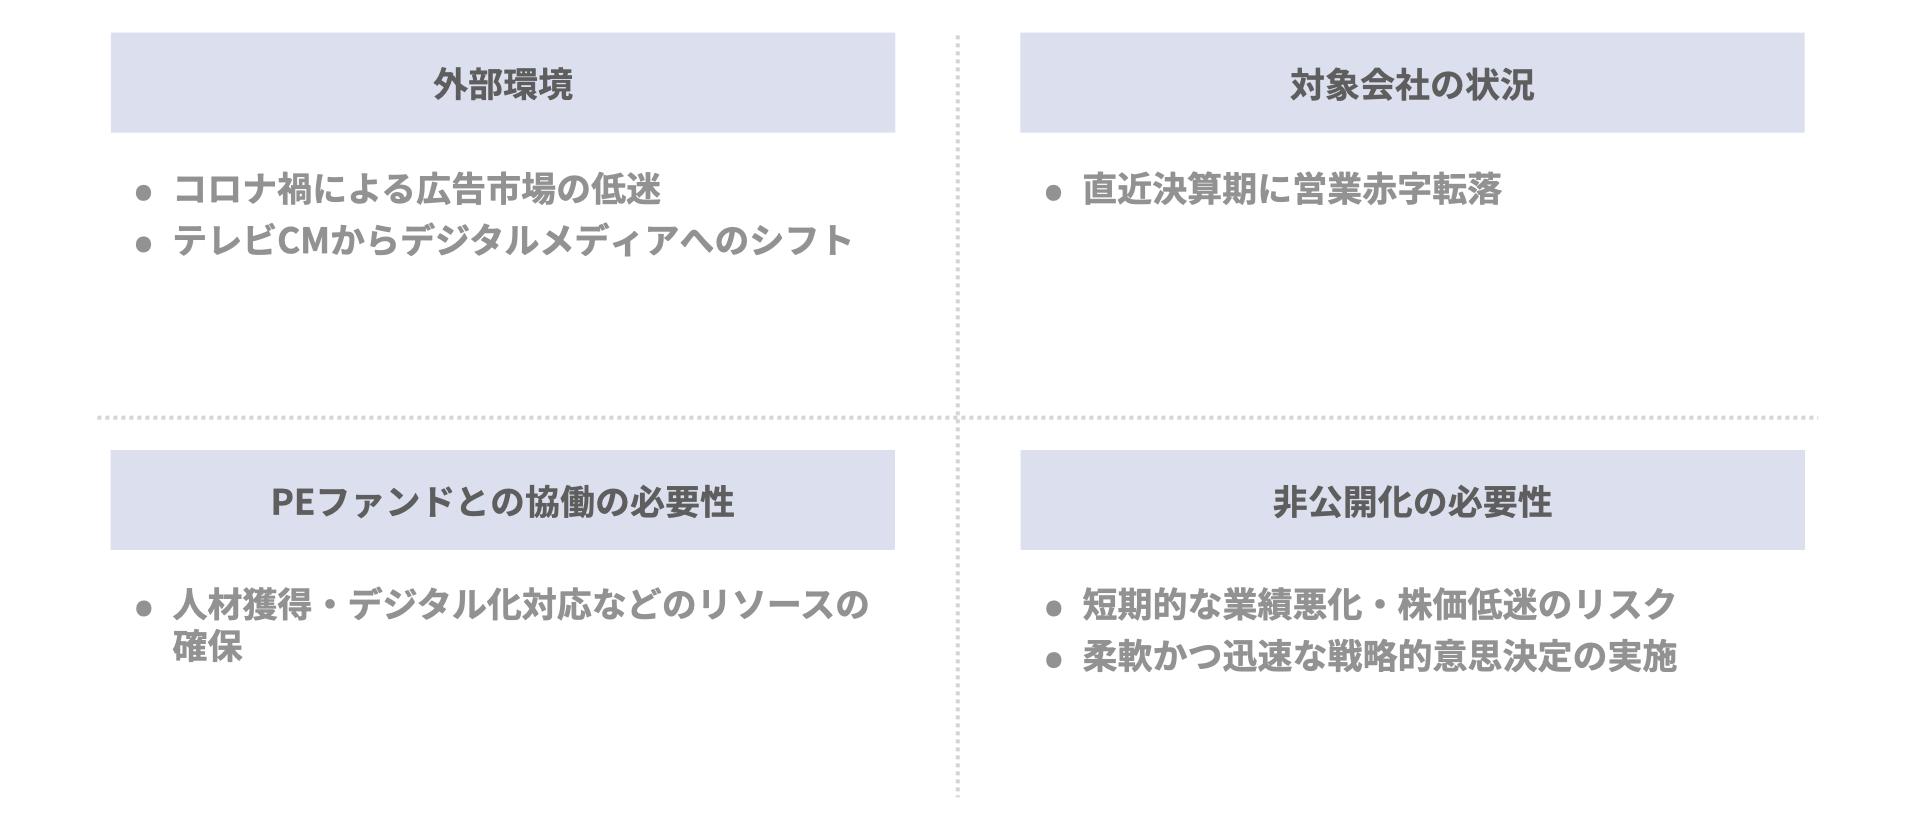 AOI TYOのファンドMBOによる非公開化(カーライル)の背景・目的